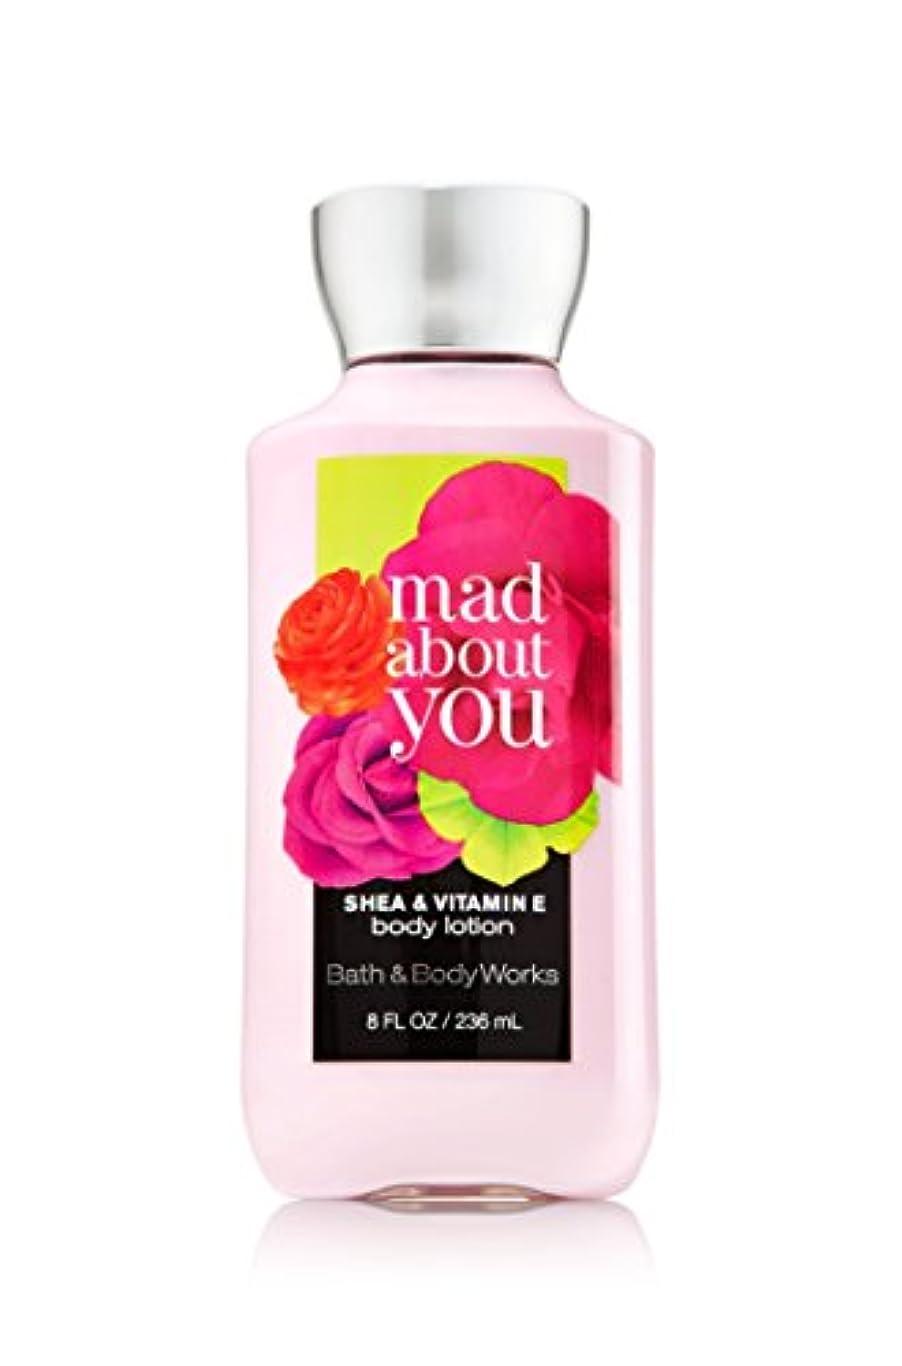 対処するケープワーディアンケースバス&ボディワークス マッドアバウトユー ボディローション Mad About You body lotion [並行輸入品]